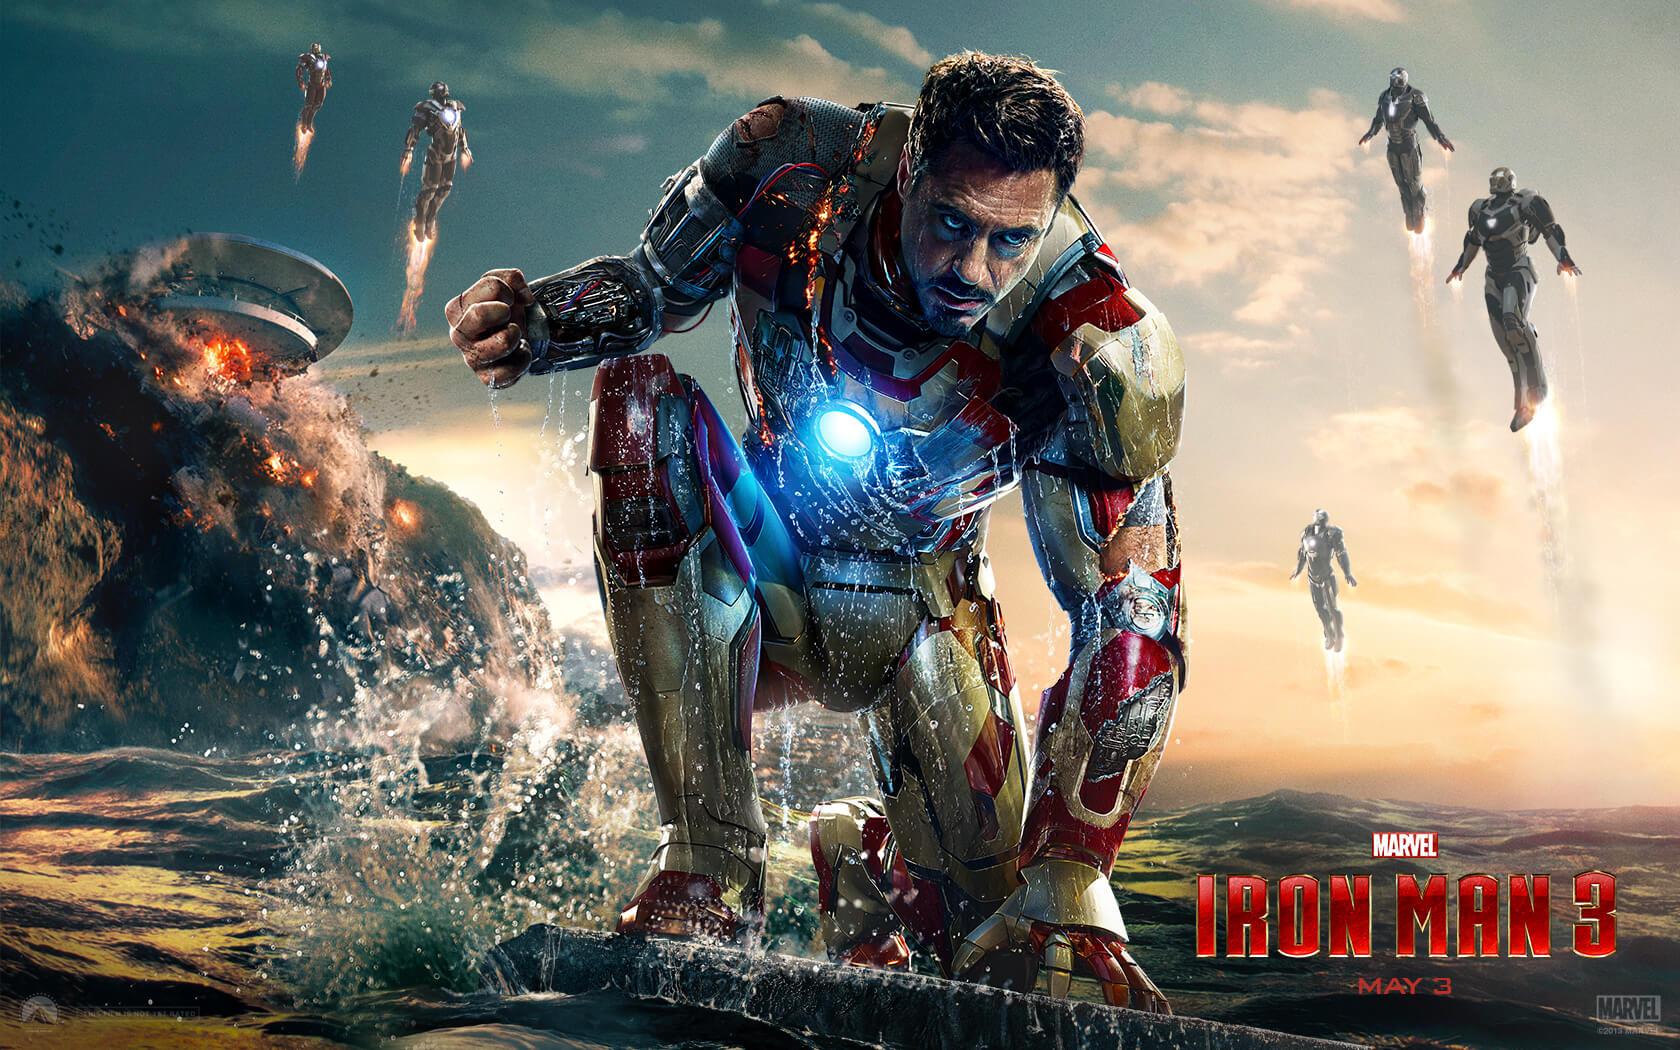 """「アイアンマン3」""""Ironman 3″(2013)"""